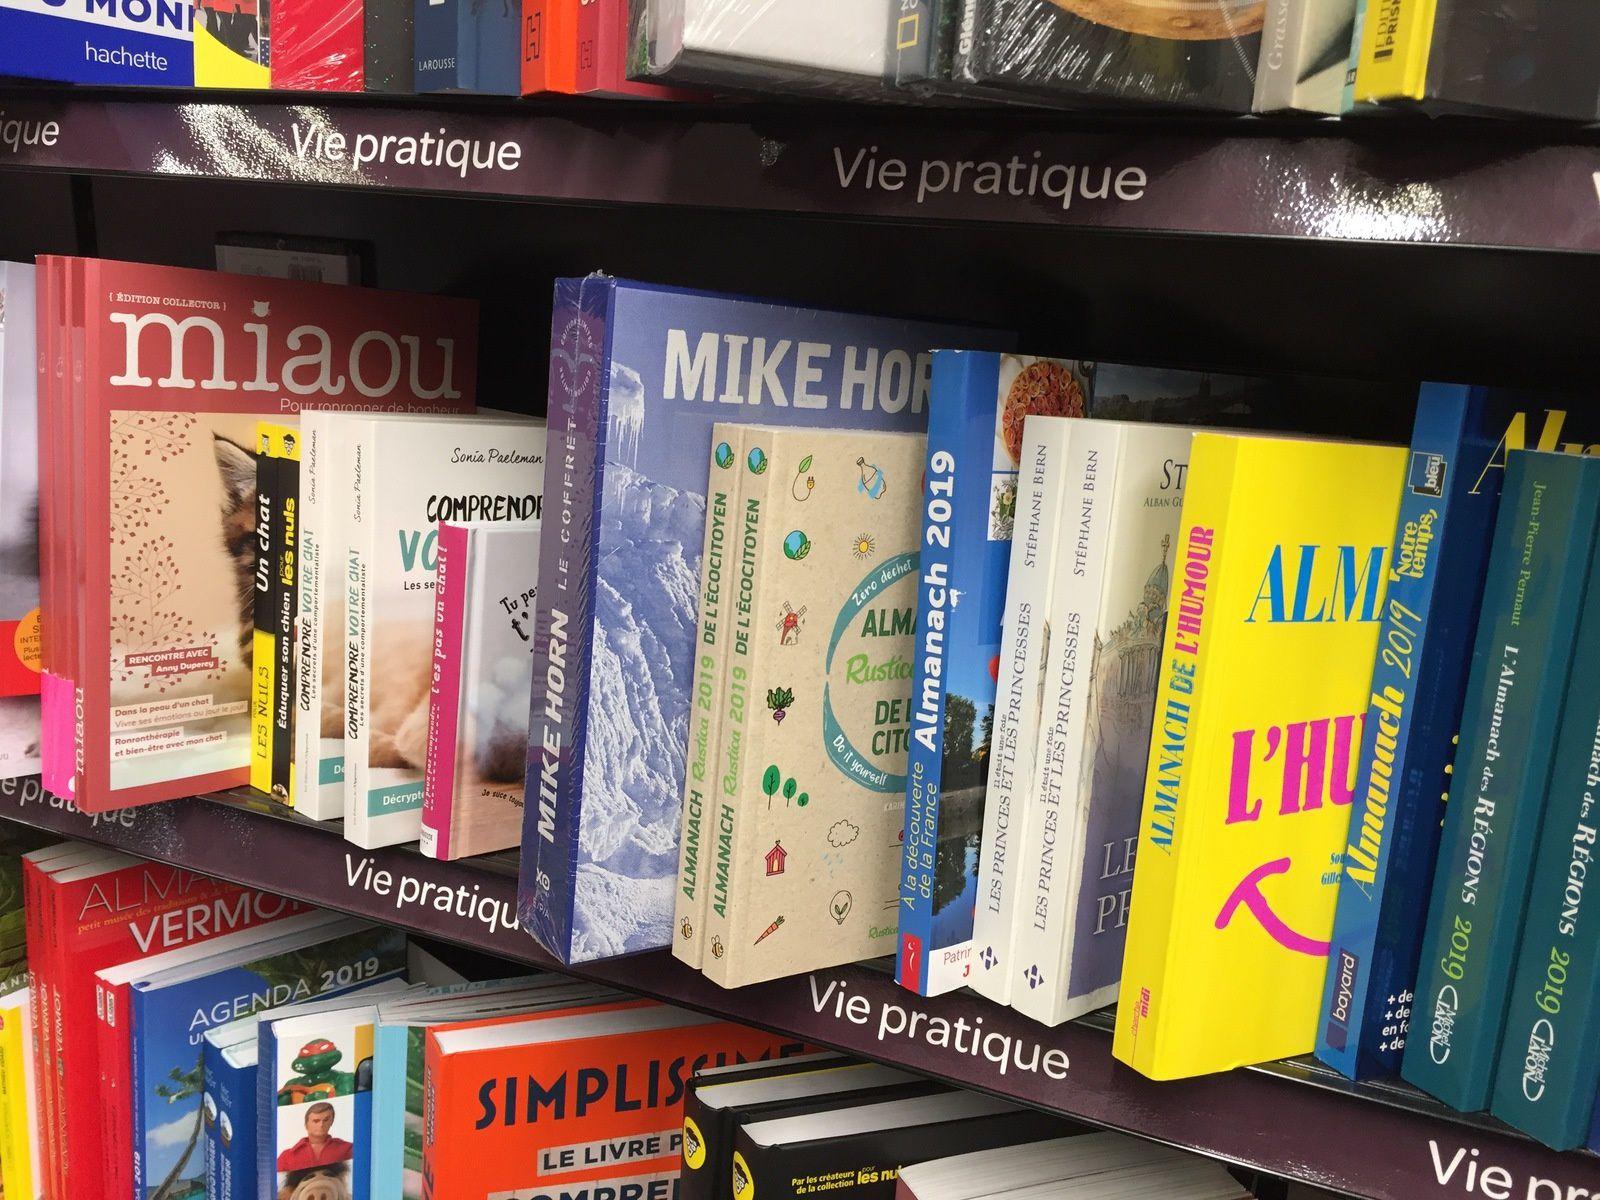 De très bonnes références au rayon livres - vie pratique chez Carrefour !